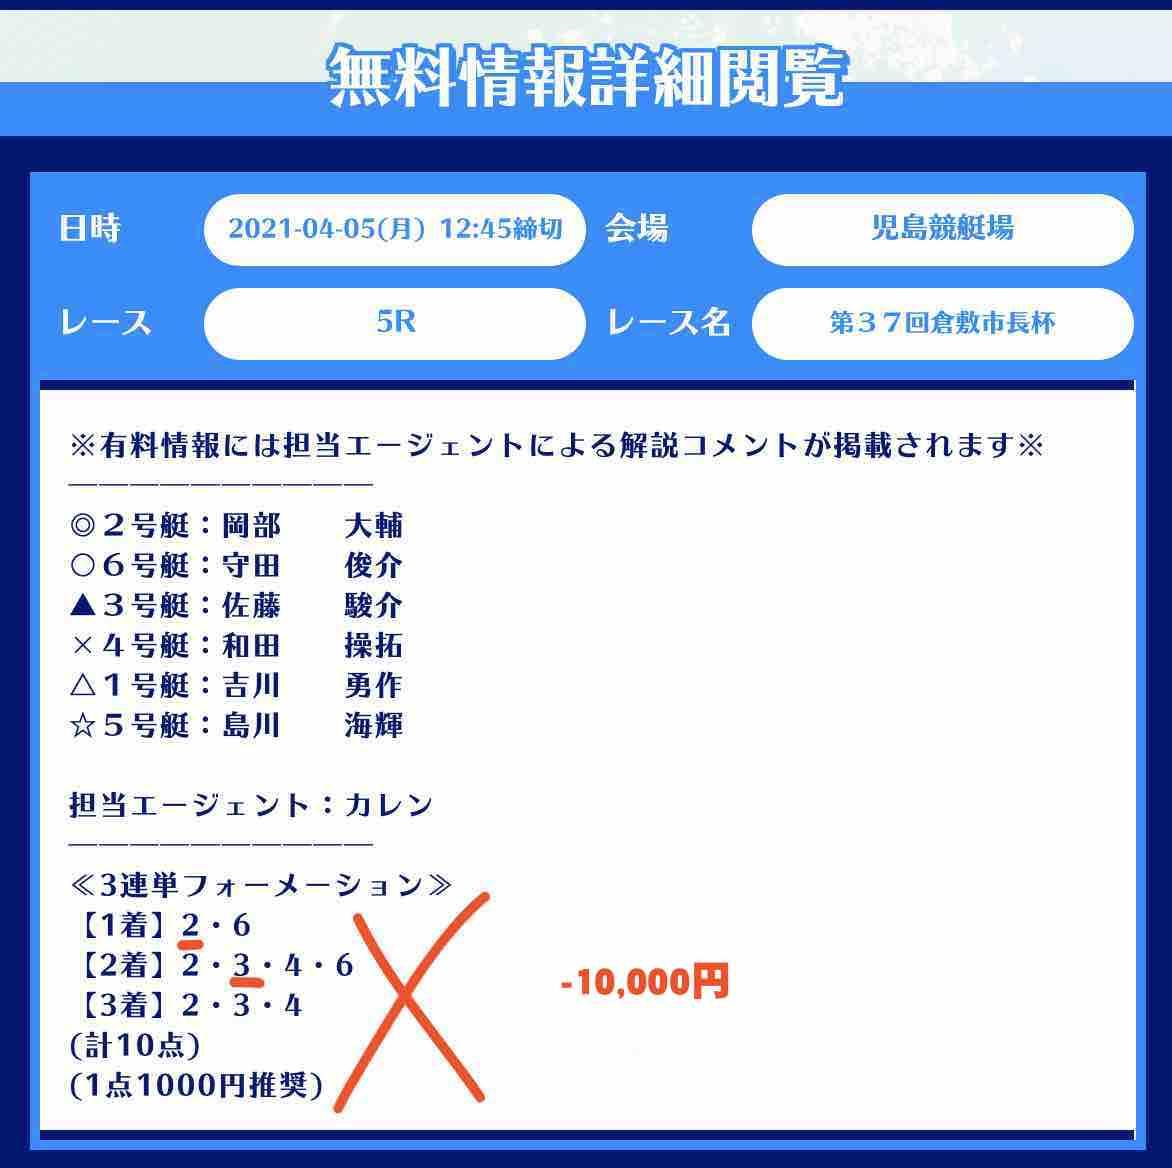 舟生という競艇予想サイトの無料予想(無料情報)の抜き打ち検証-児島5R